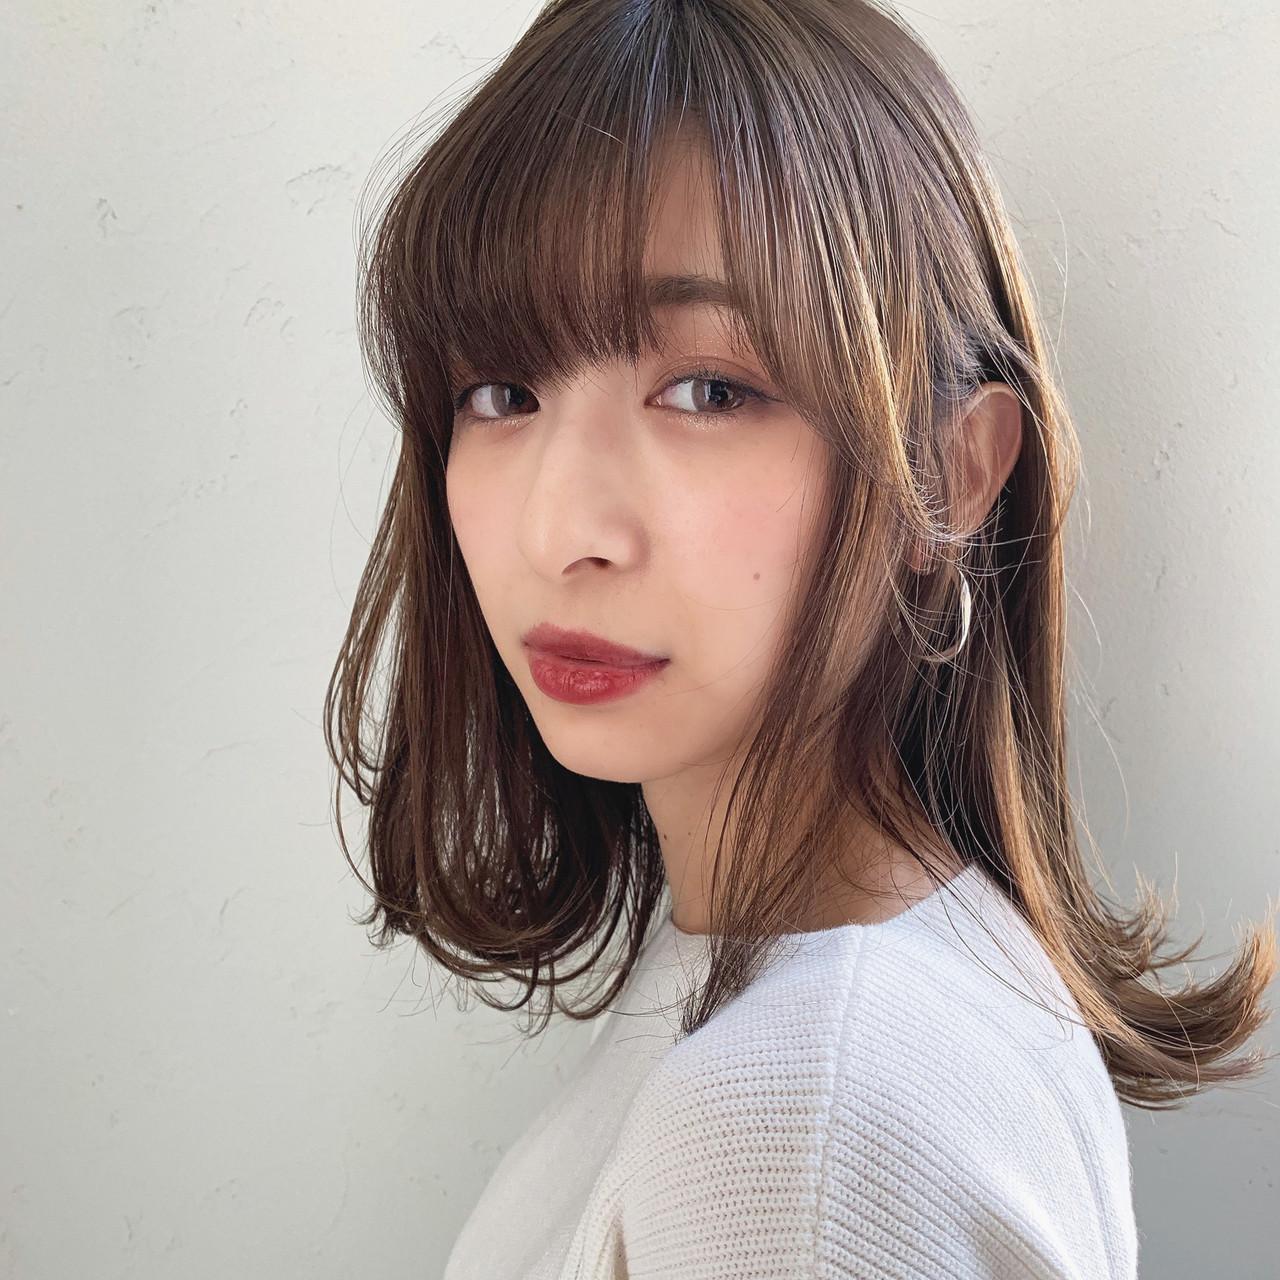 アンニュイほつれヘア デート フェミニン オフィス ヘアスタイルや髪型の写真・画像